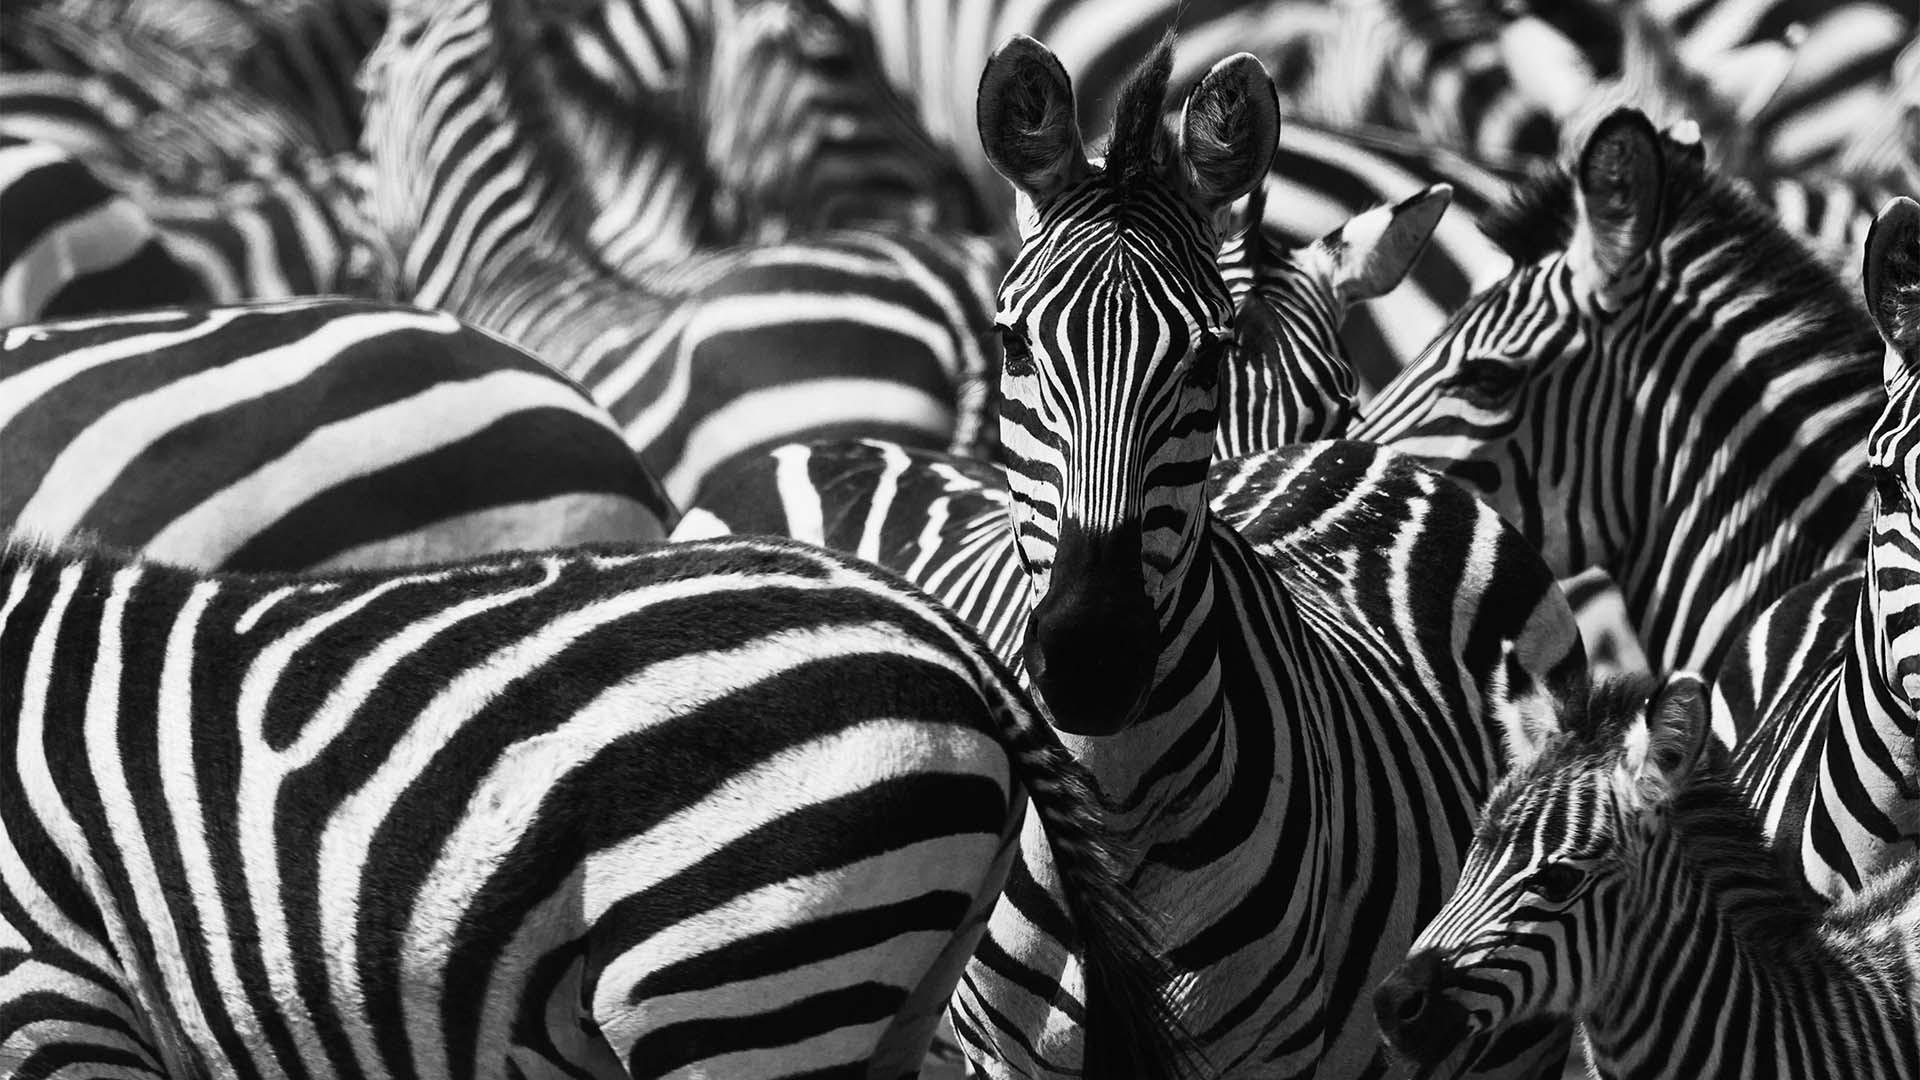 Zebra in the Ngorongoro Crater, Tanzania